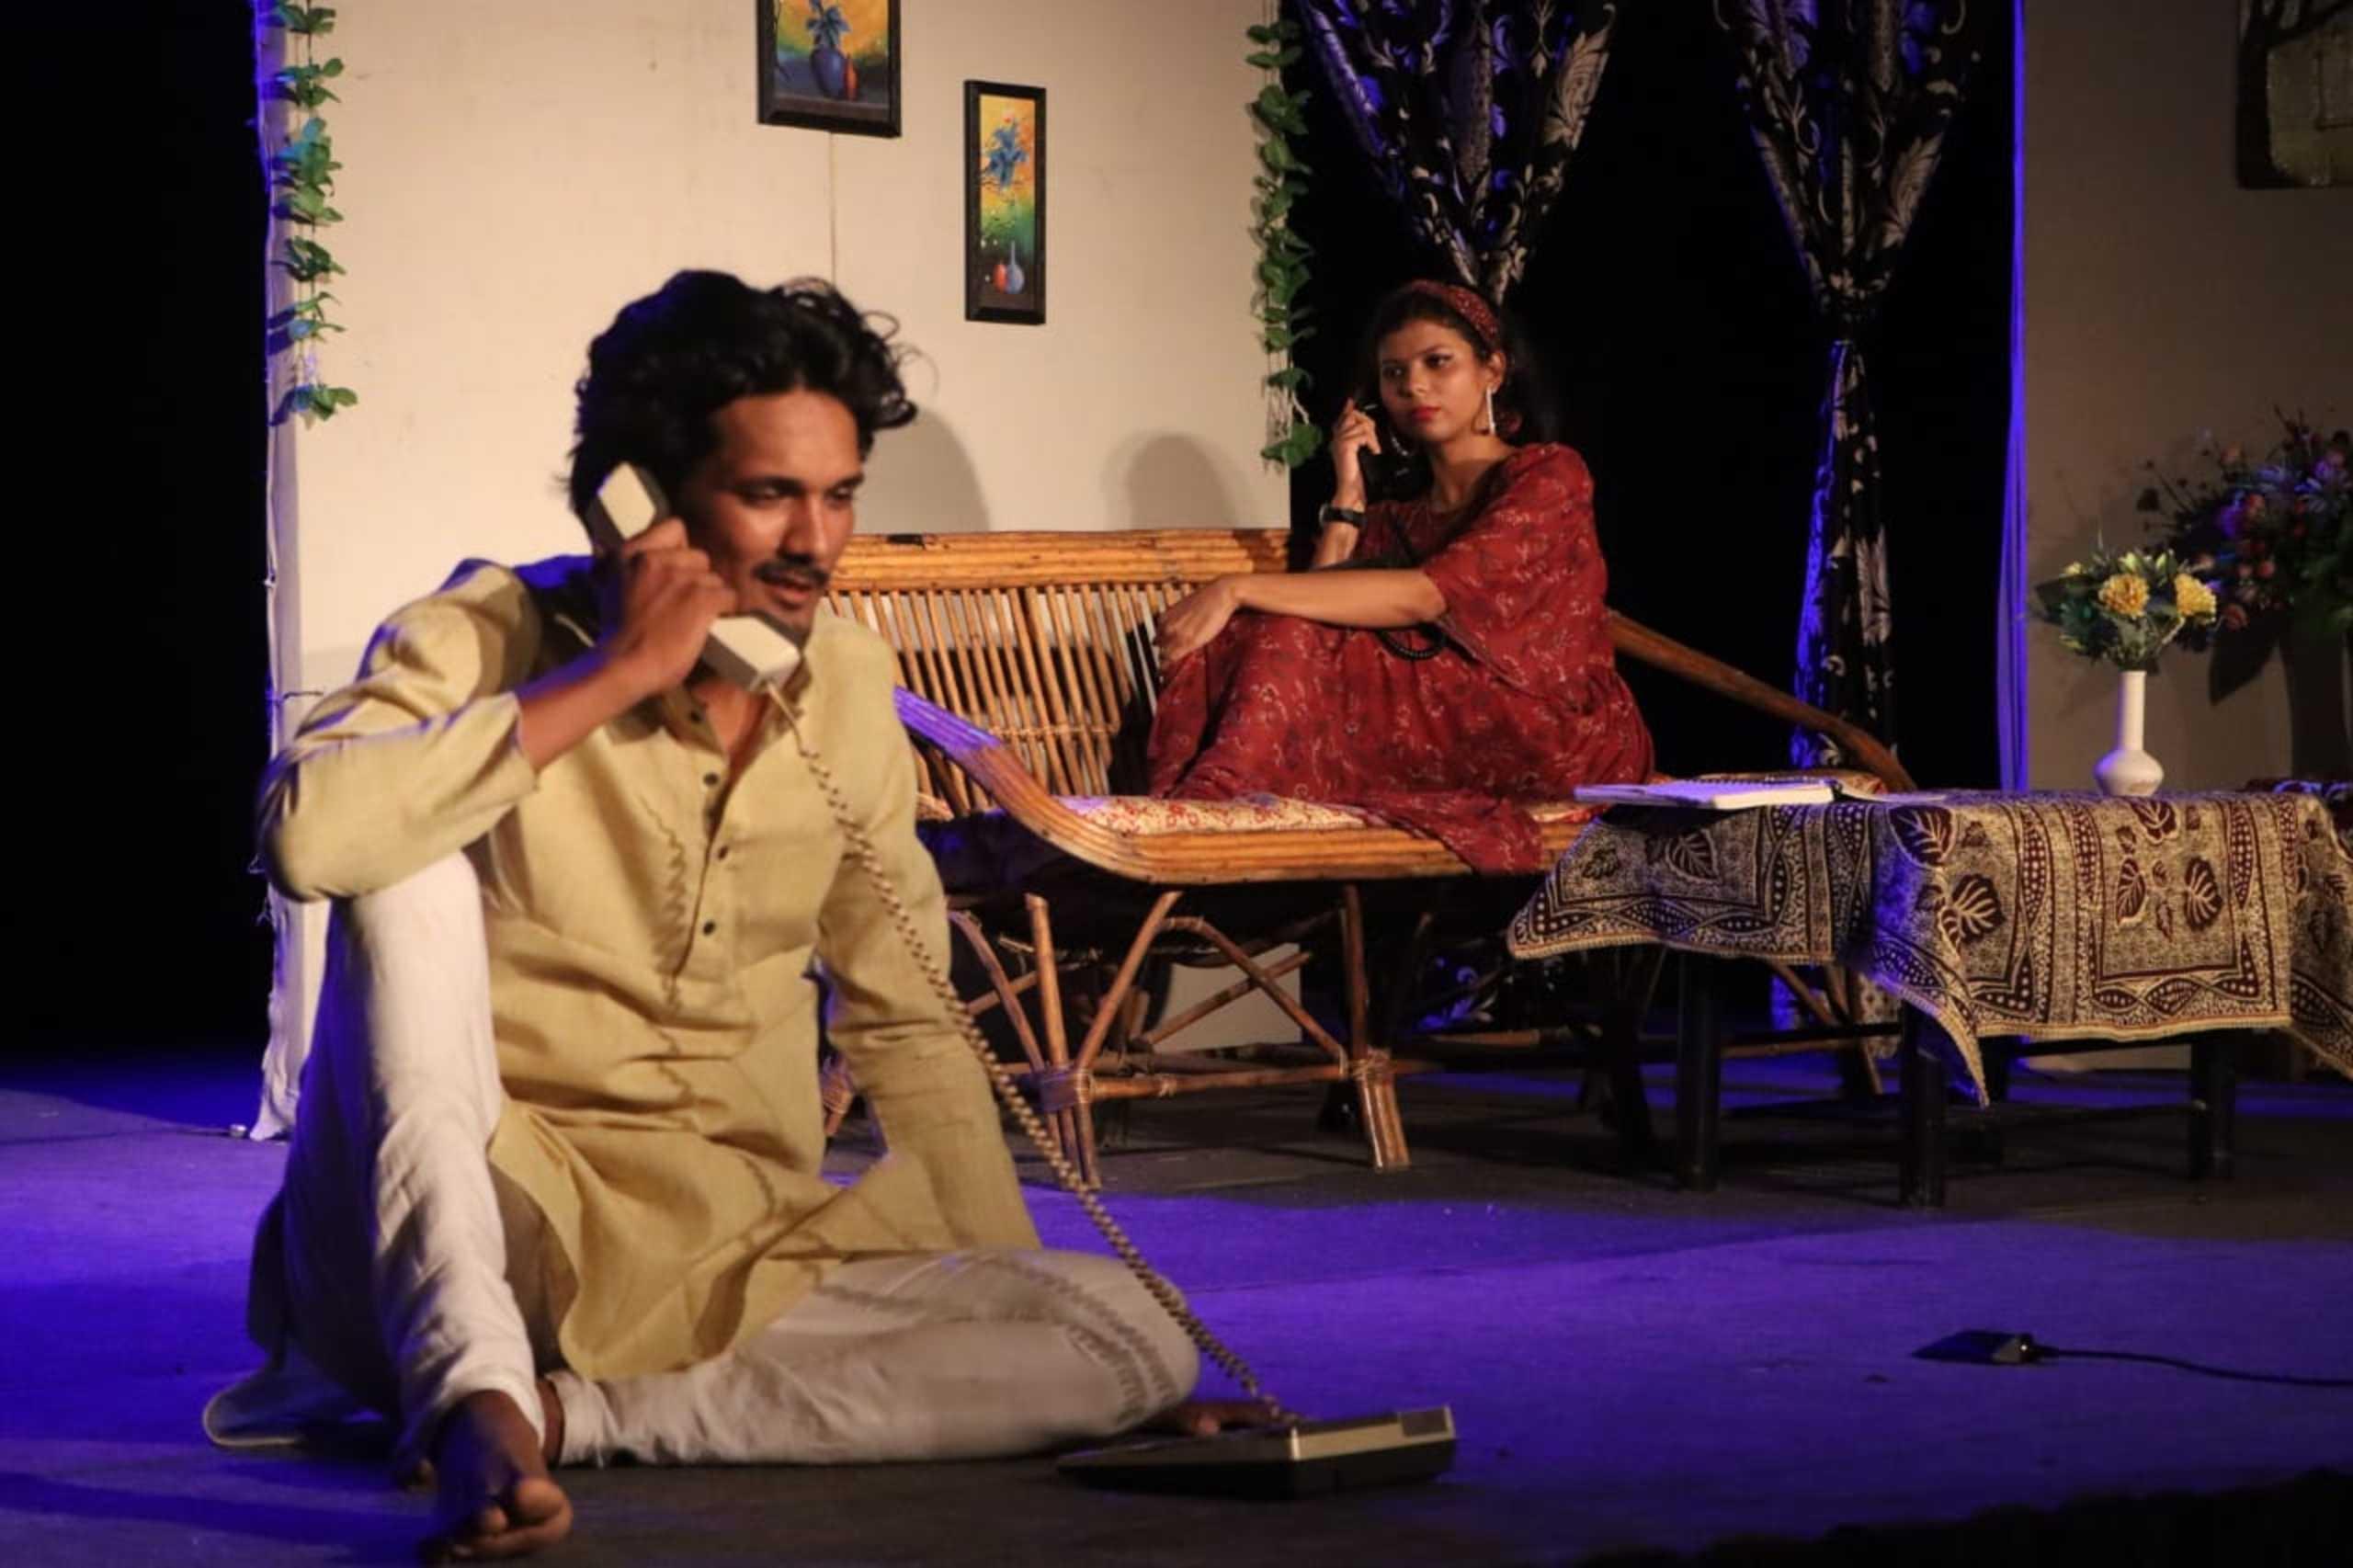 Anwarat Theater Group Indore: उम्मीदों की किरण जगाए दुखांत से खत्म हुई बादशाहत